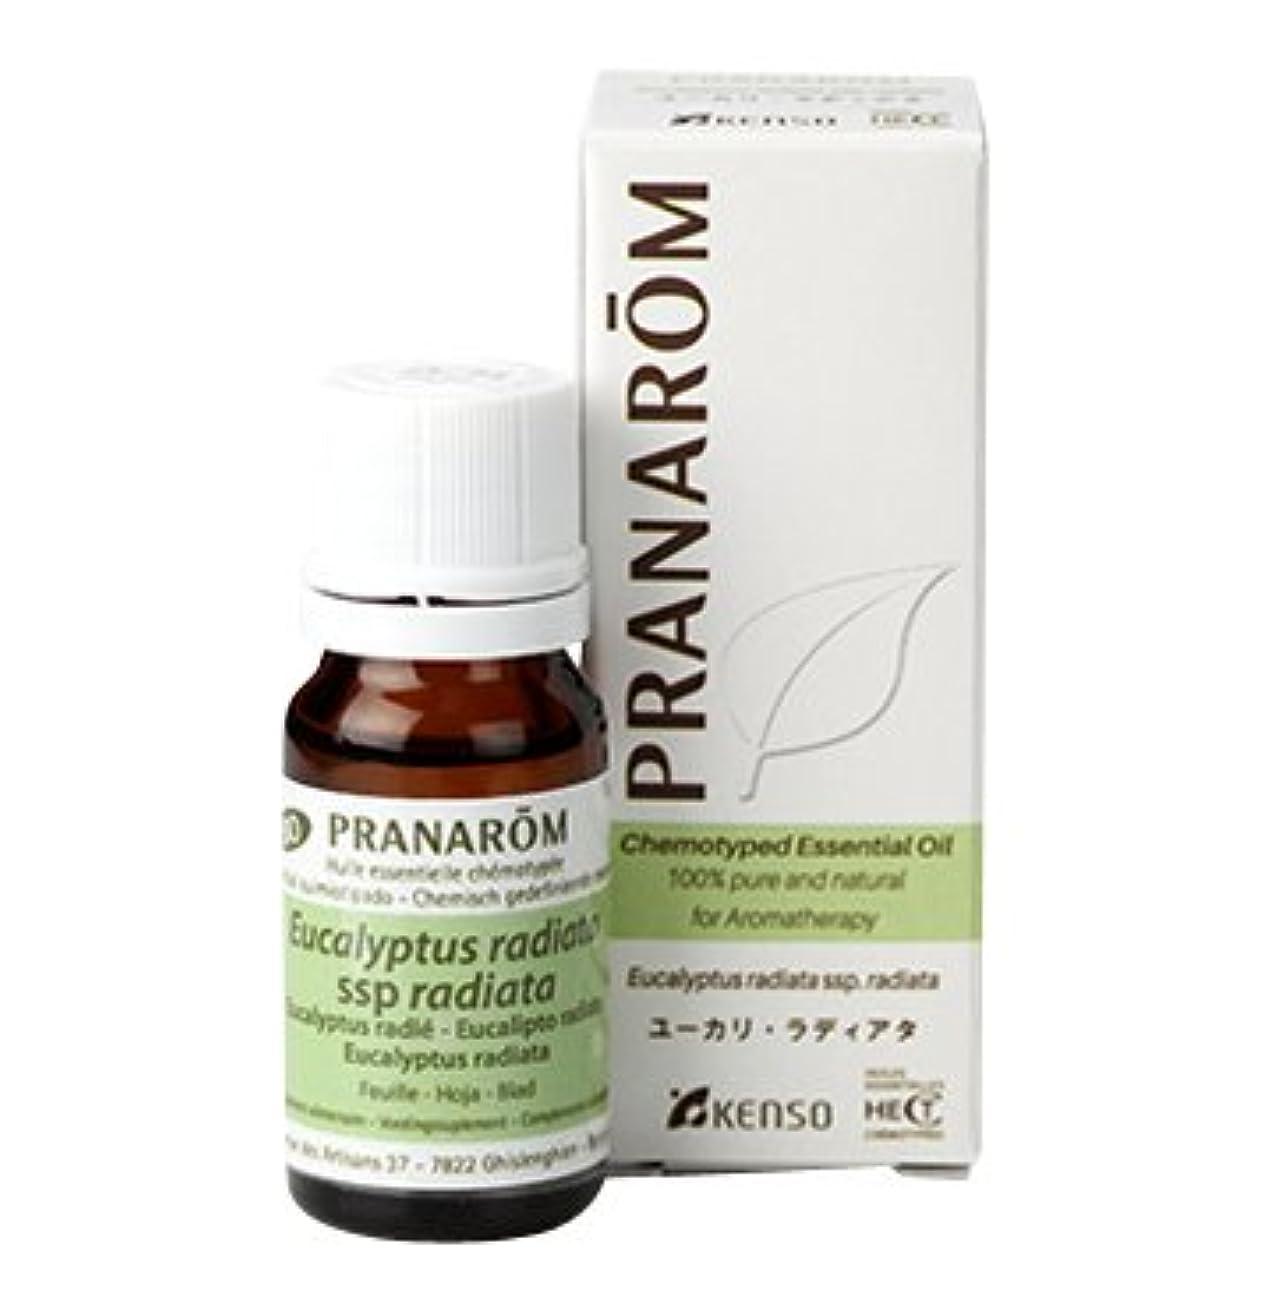 プラナロム ( PRANAROM ) 精油 ユーカリ?ラディアタ 10ml p-70 ユーカリラディアタ